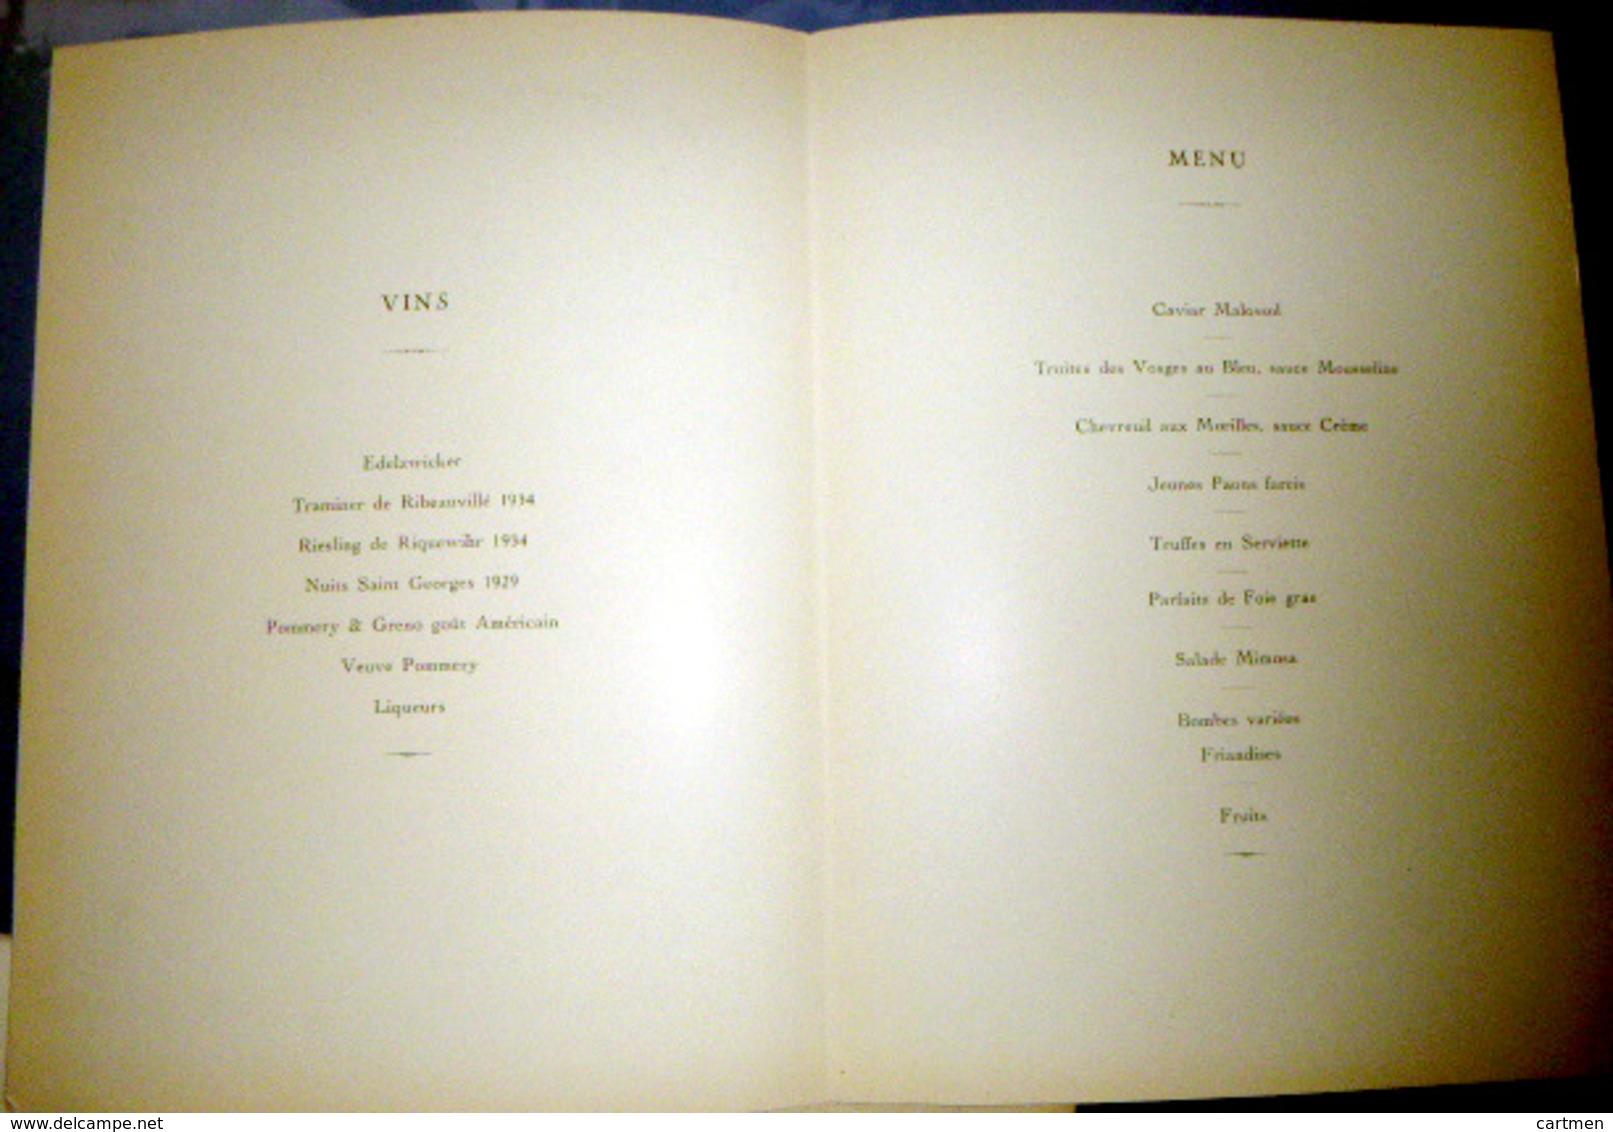 MENU PRESIDENTIEL 68 SAINTE MARIE AUX MINES INAUGURATION DU TUNNEL MENU OFFERT AU PRESIDENT DE LA REPUBLIQUE 1937 - Historical Documents